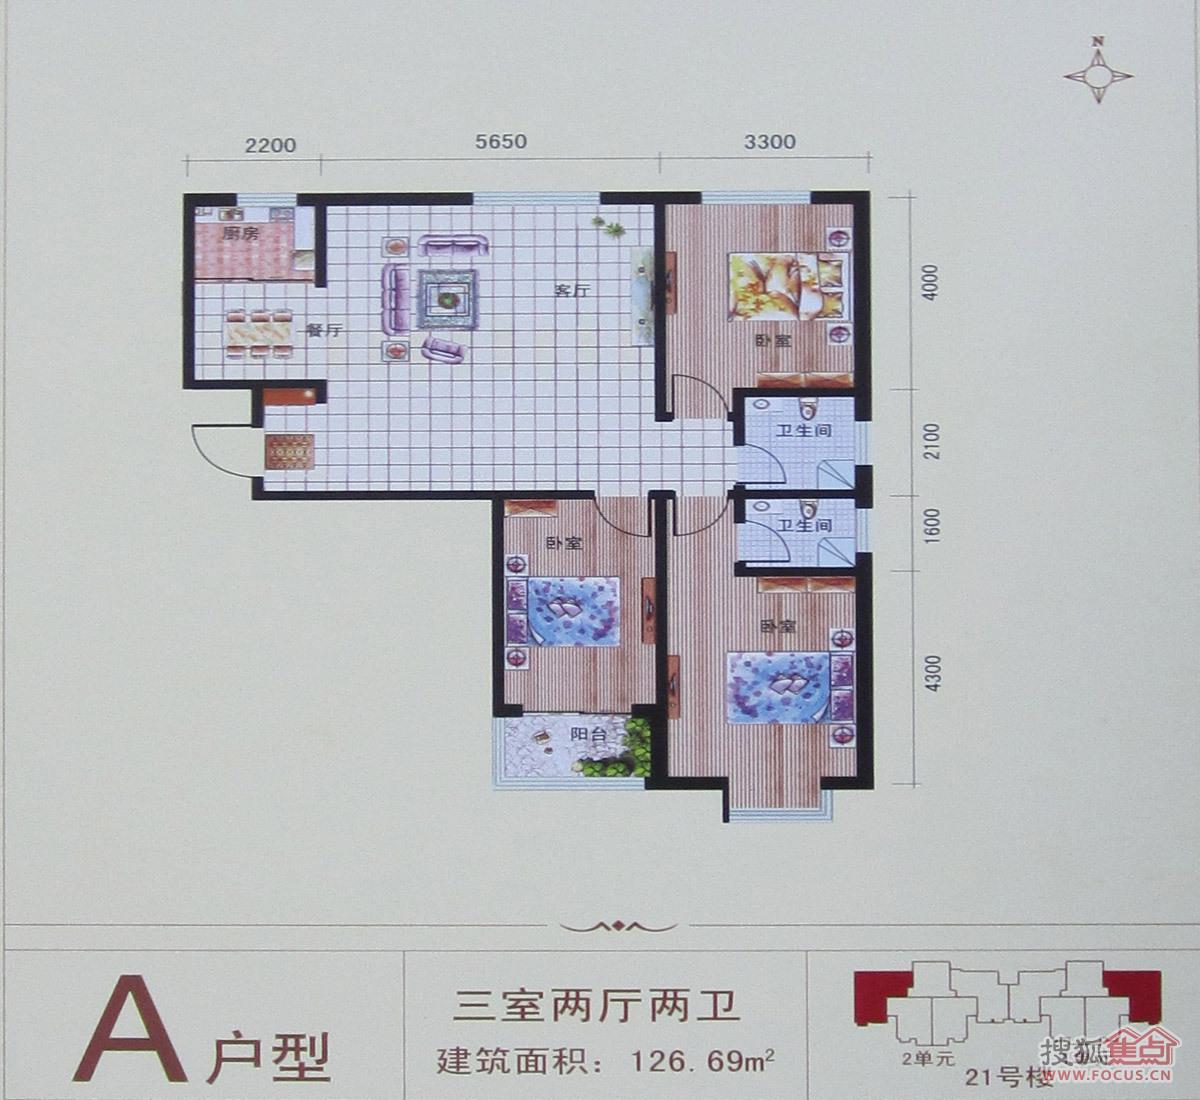 东方世纪城a_东方世纪城户型图-沧州搜狐焦点网